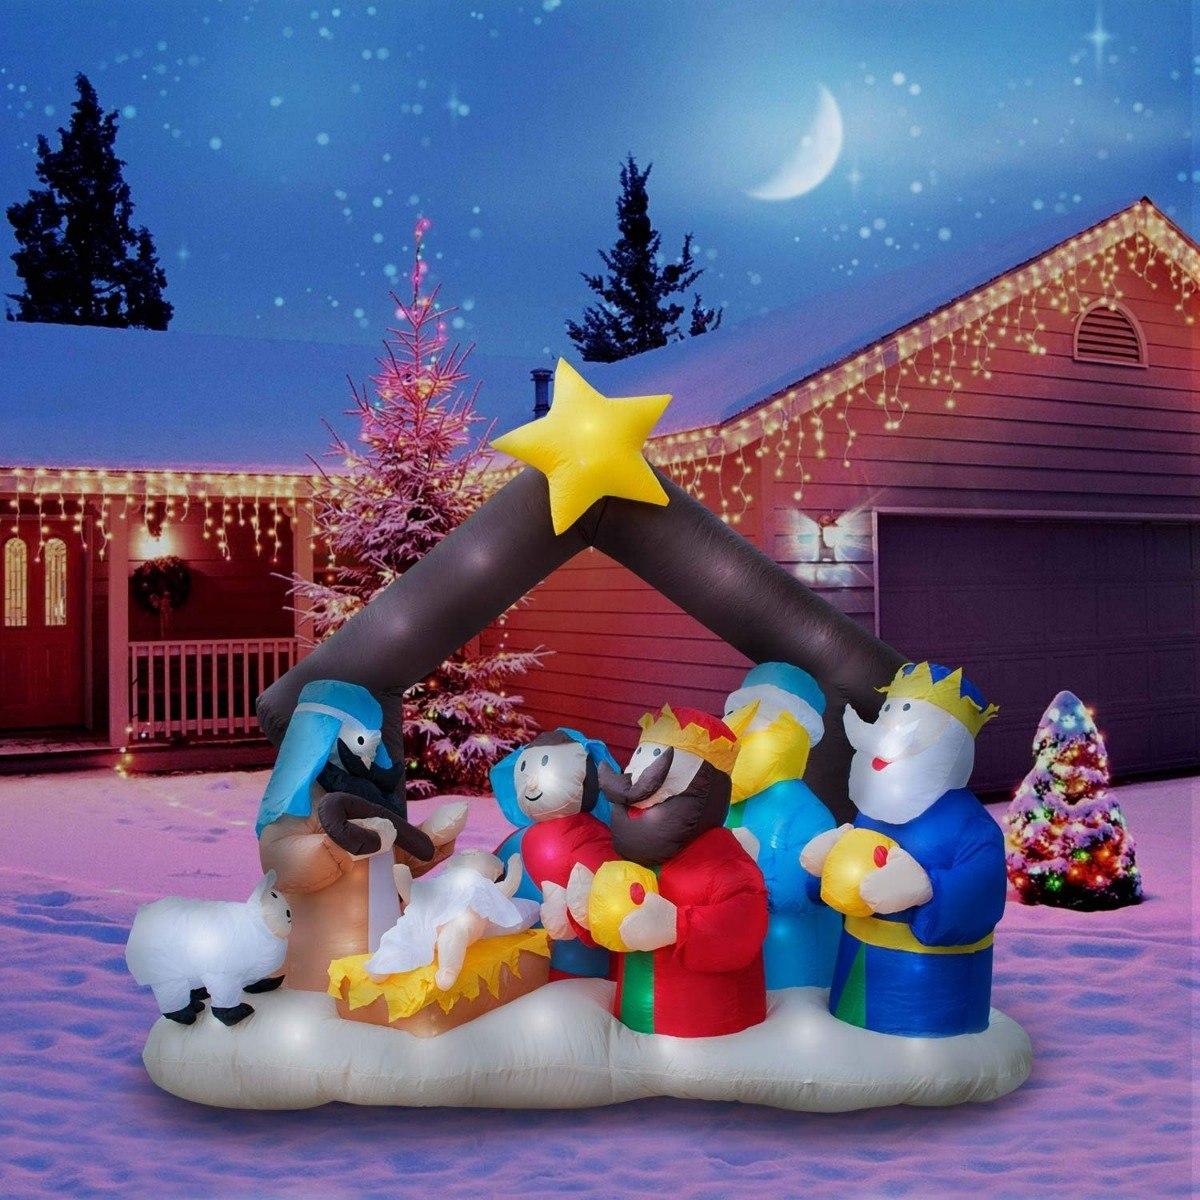 60d4b6ee7e7 decoración fiesta navidad inflable luz led nacimiento niño. Cargando zoom.